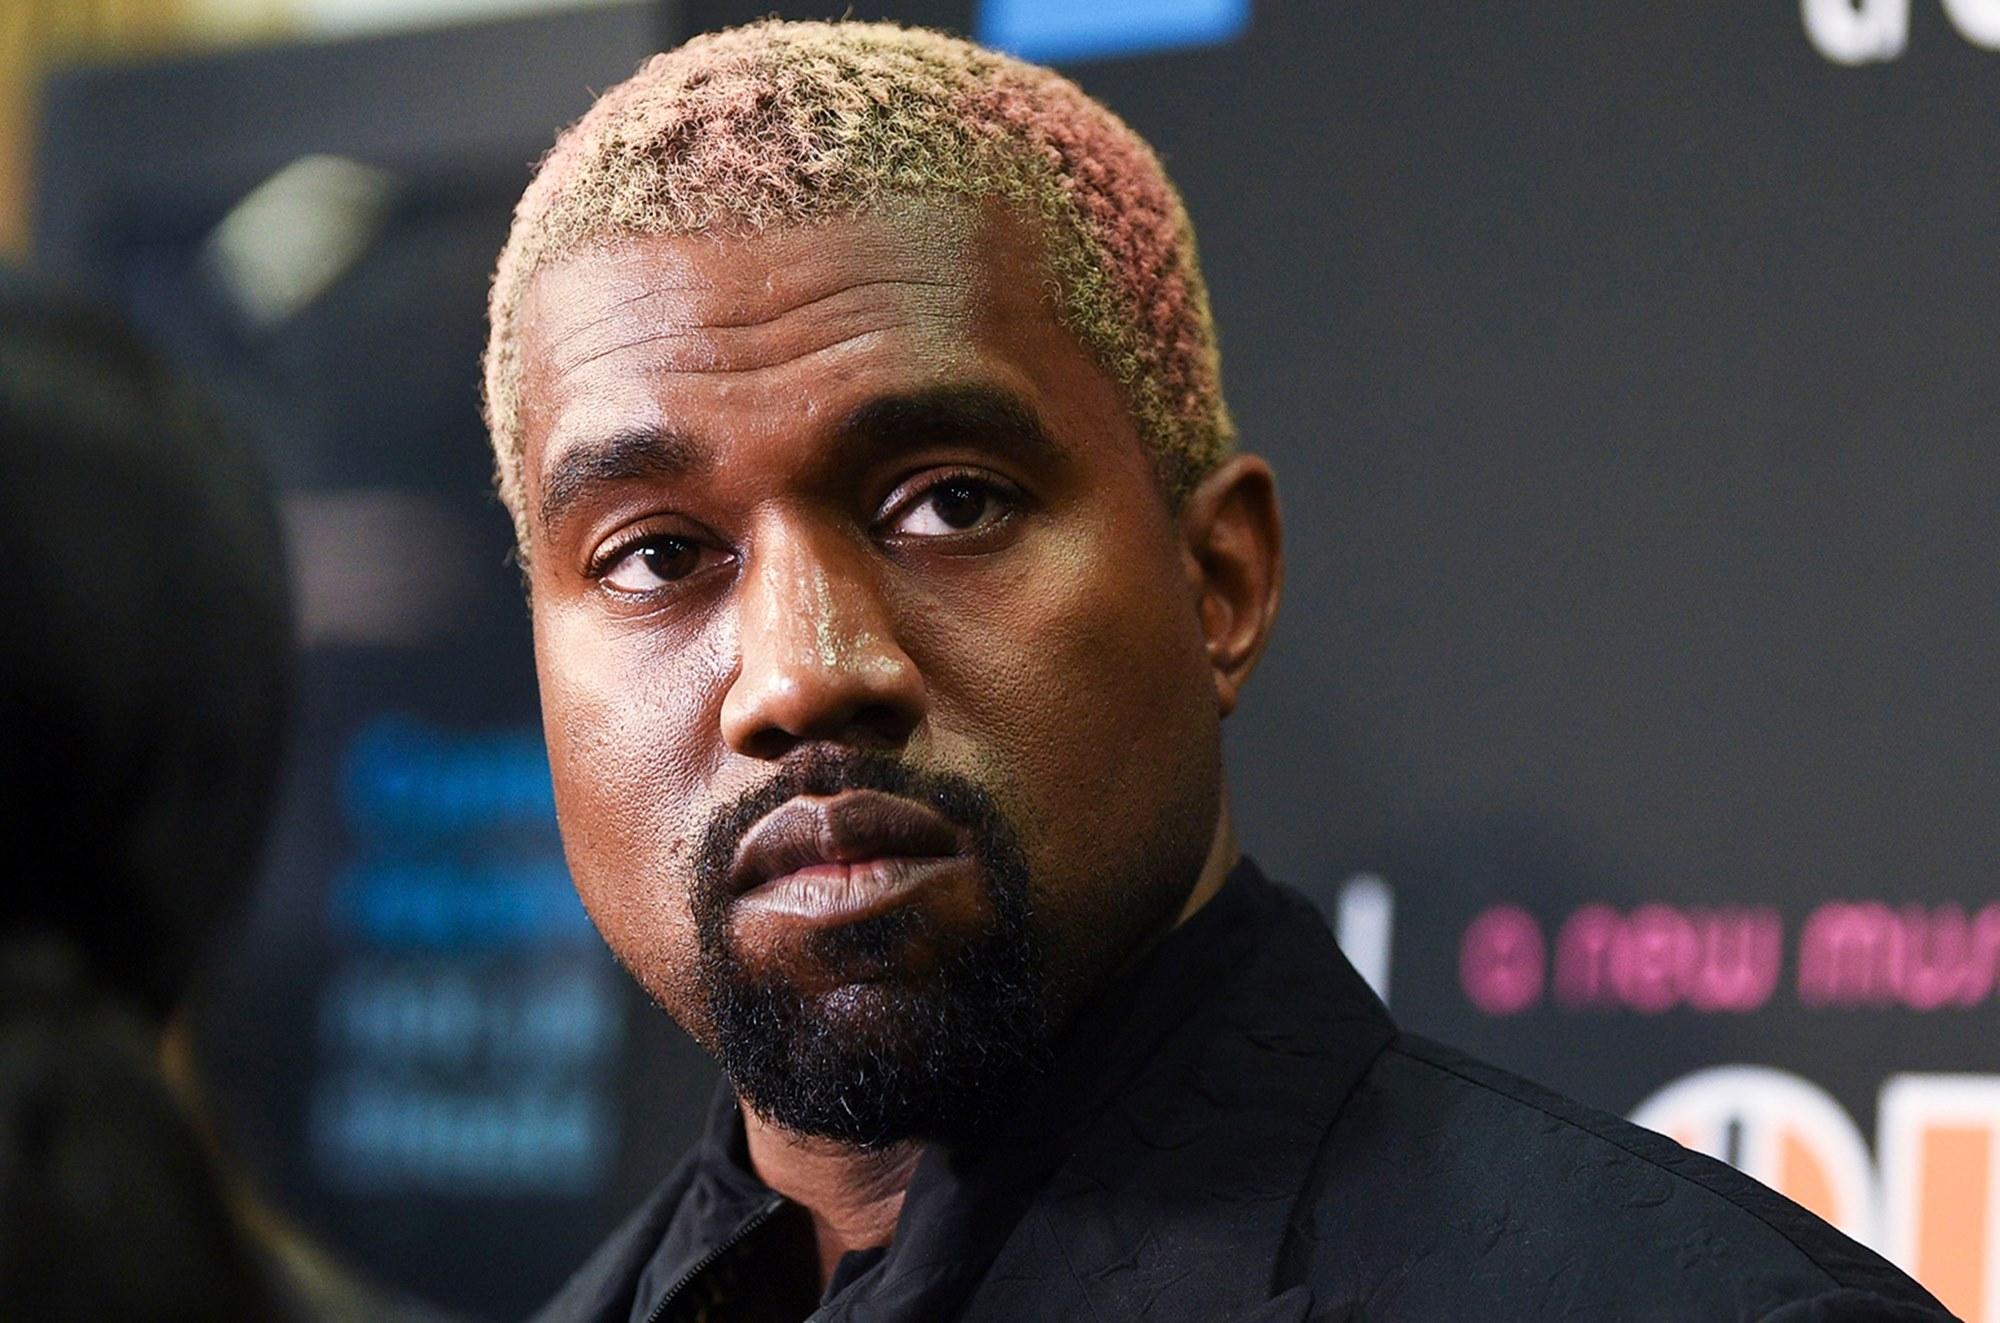 Kanye West Danny McBride Biopic